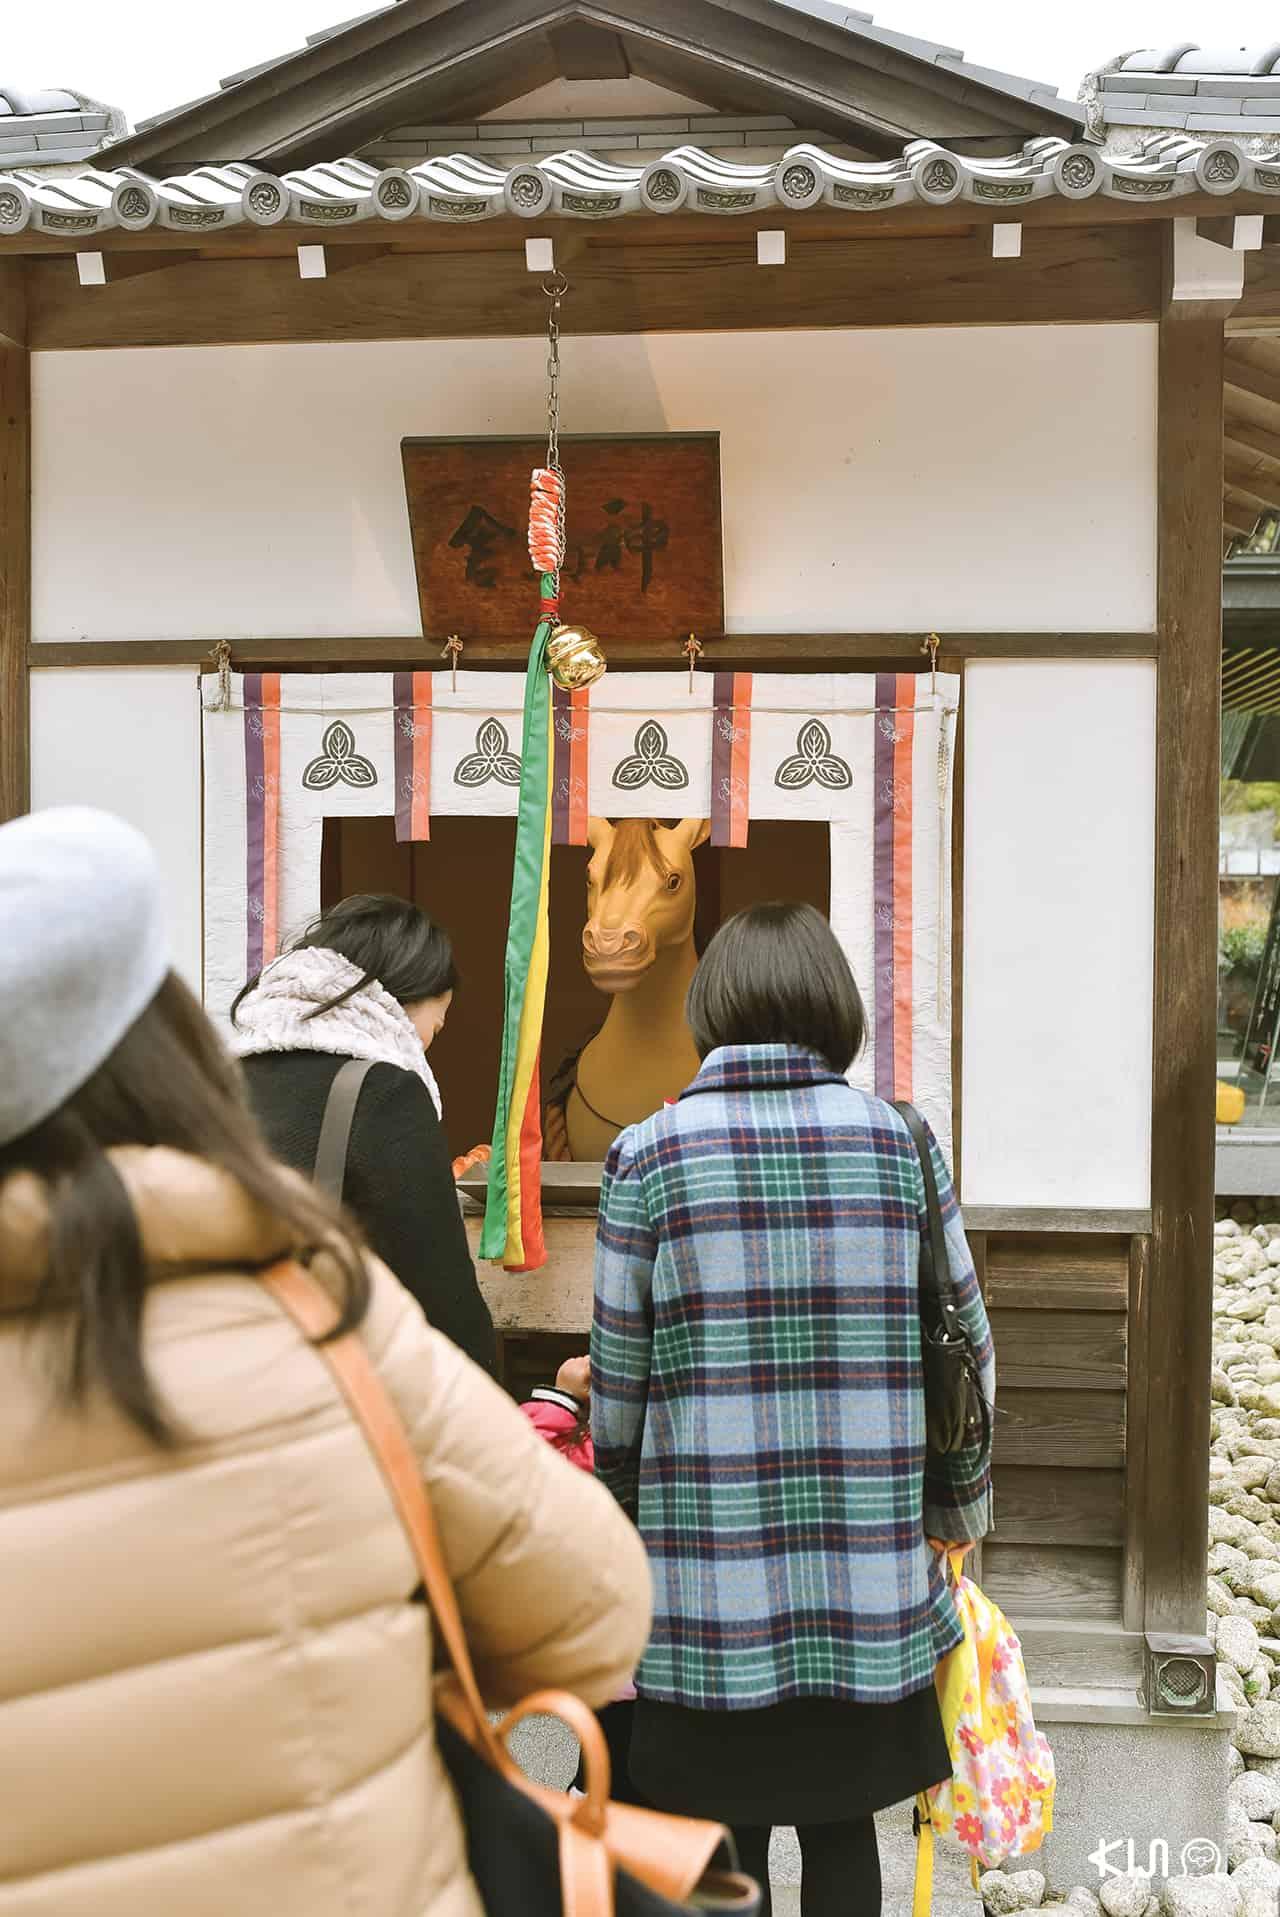 เที่ยวโกเบ : ศาลเจ้านิชิโนมิยะ (Nishinomiya Shrine)